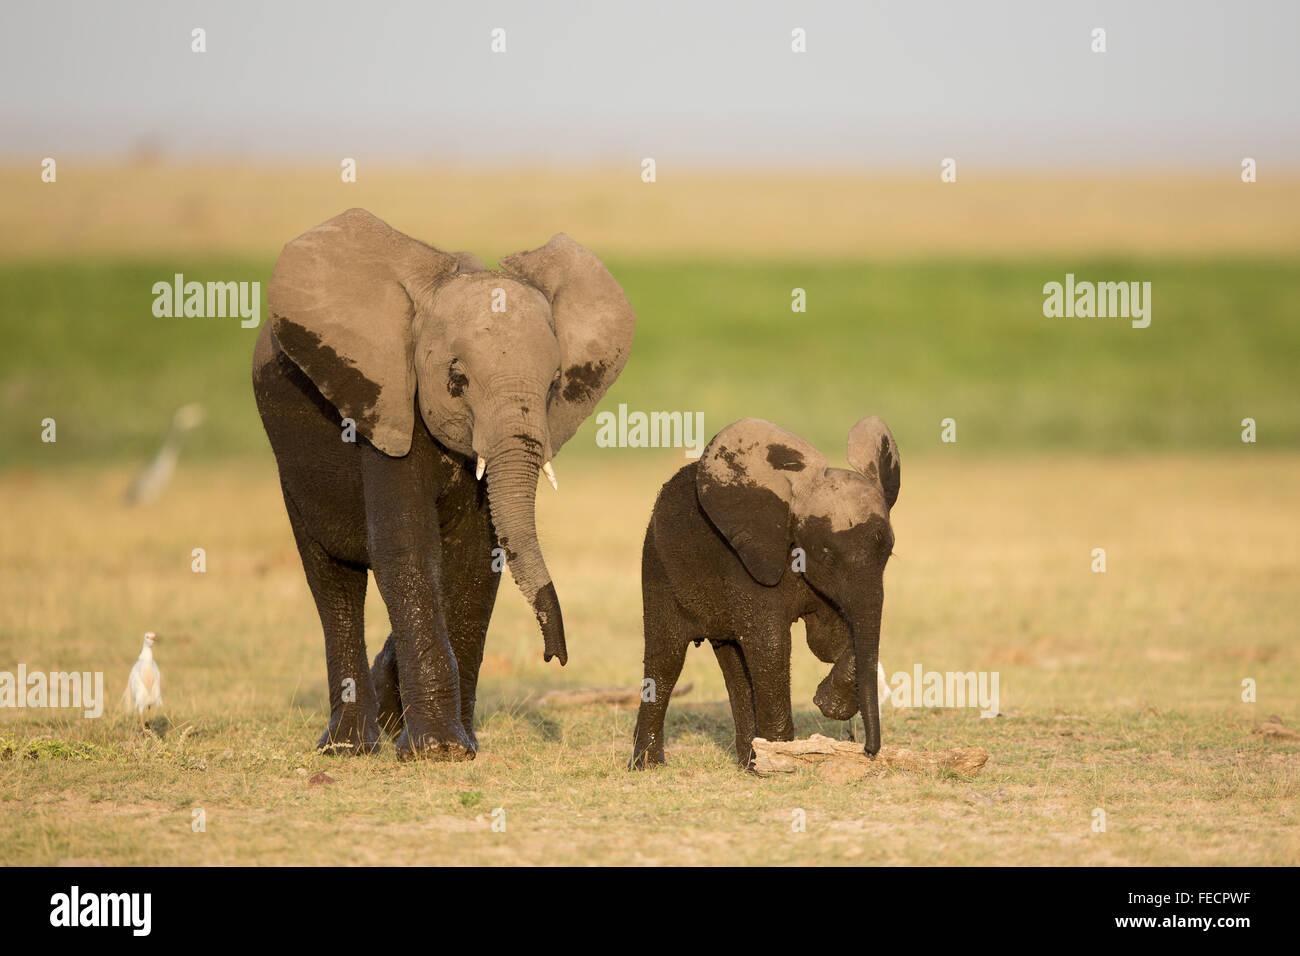 Two African Elephants  Amboseli National Park Kenya - Stock Image